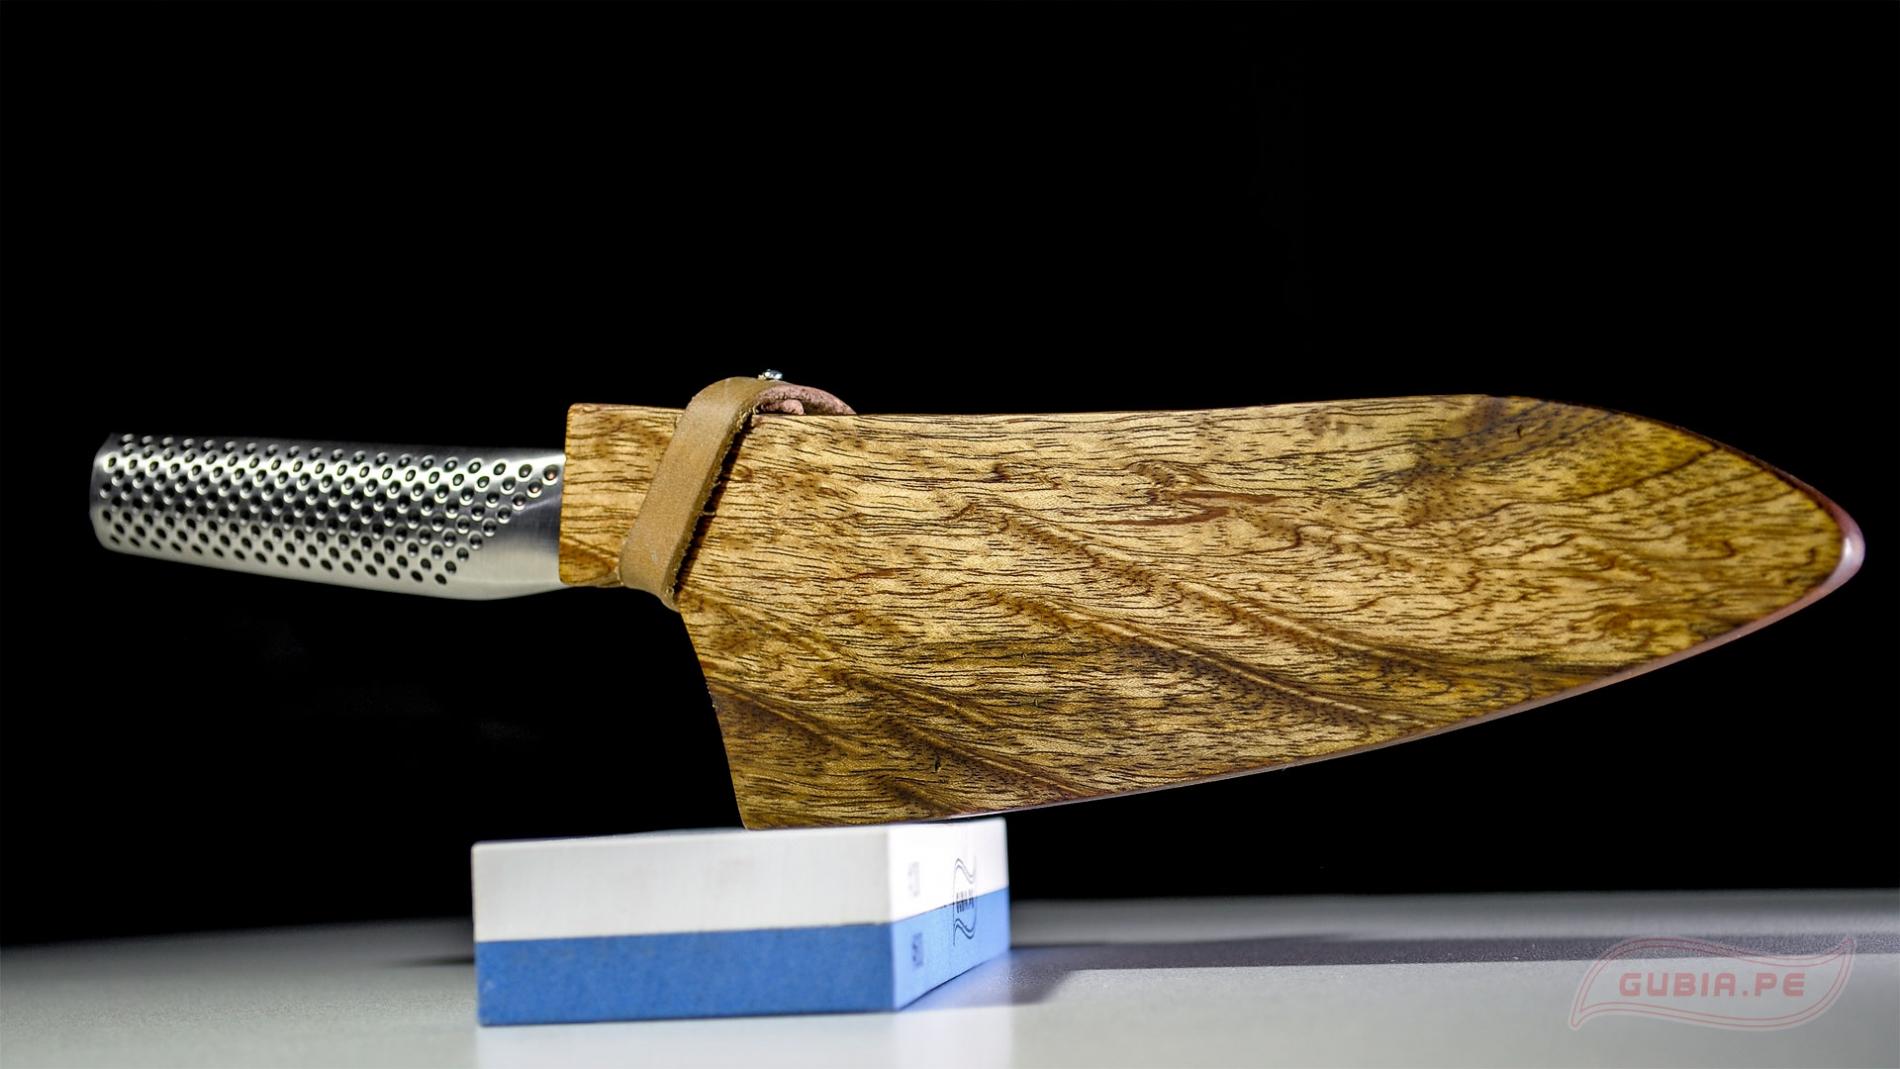 GUB0043-Protector de filo de cuchillo de madera personalizado GUB0043-max-1.